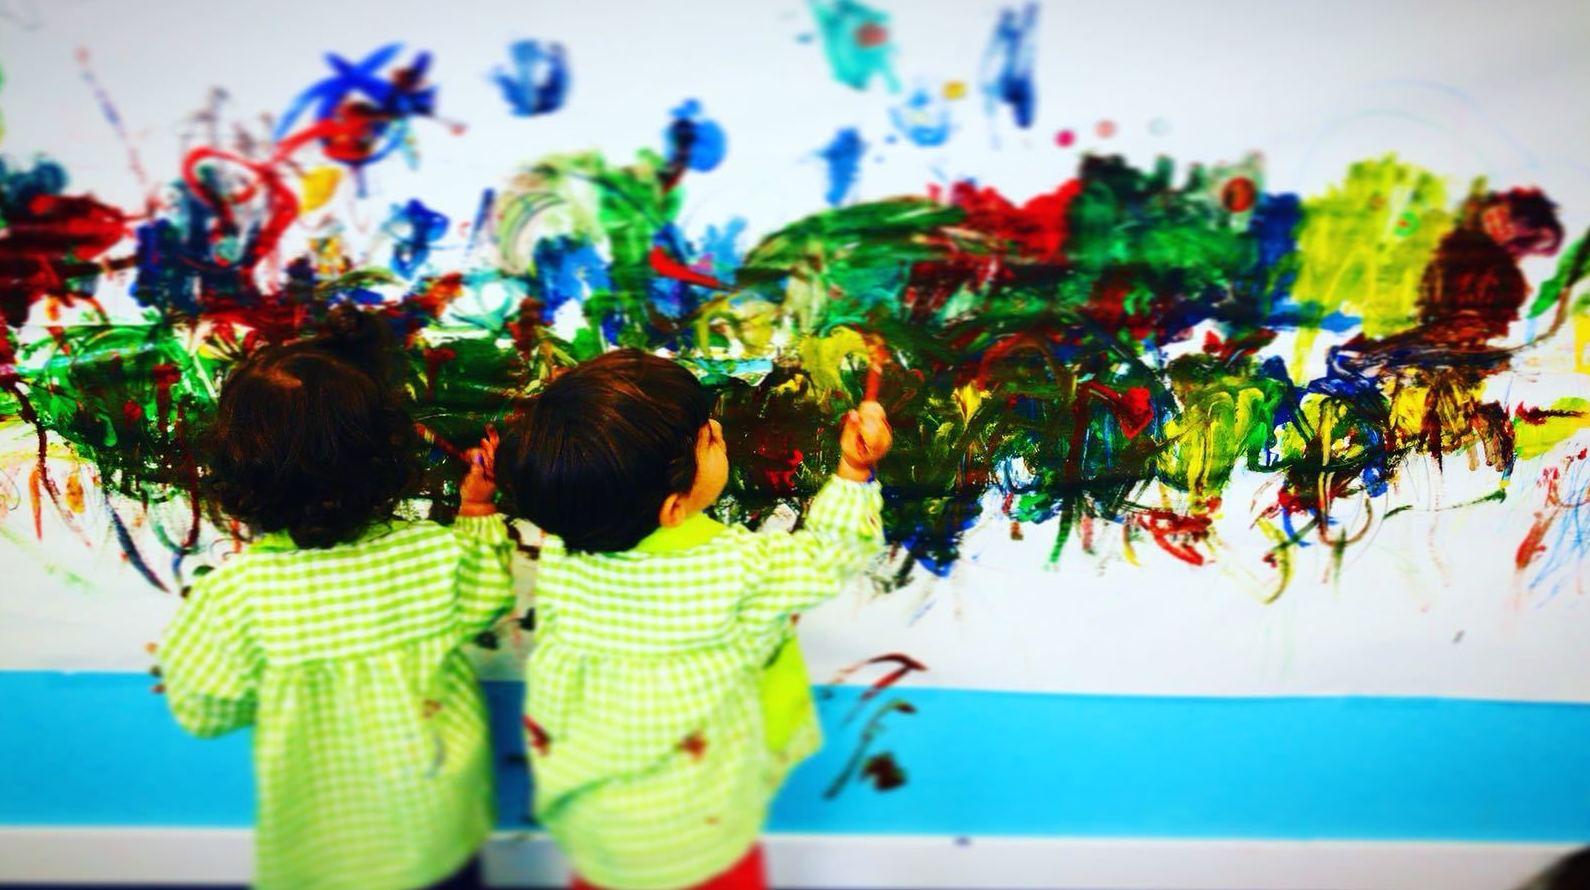 Proyecto educativo Centro Infantil Mi Mundo de Colores: Servicios de Centro Infantil Mi Mundo de Colores